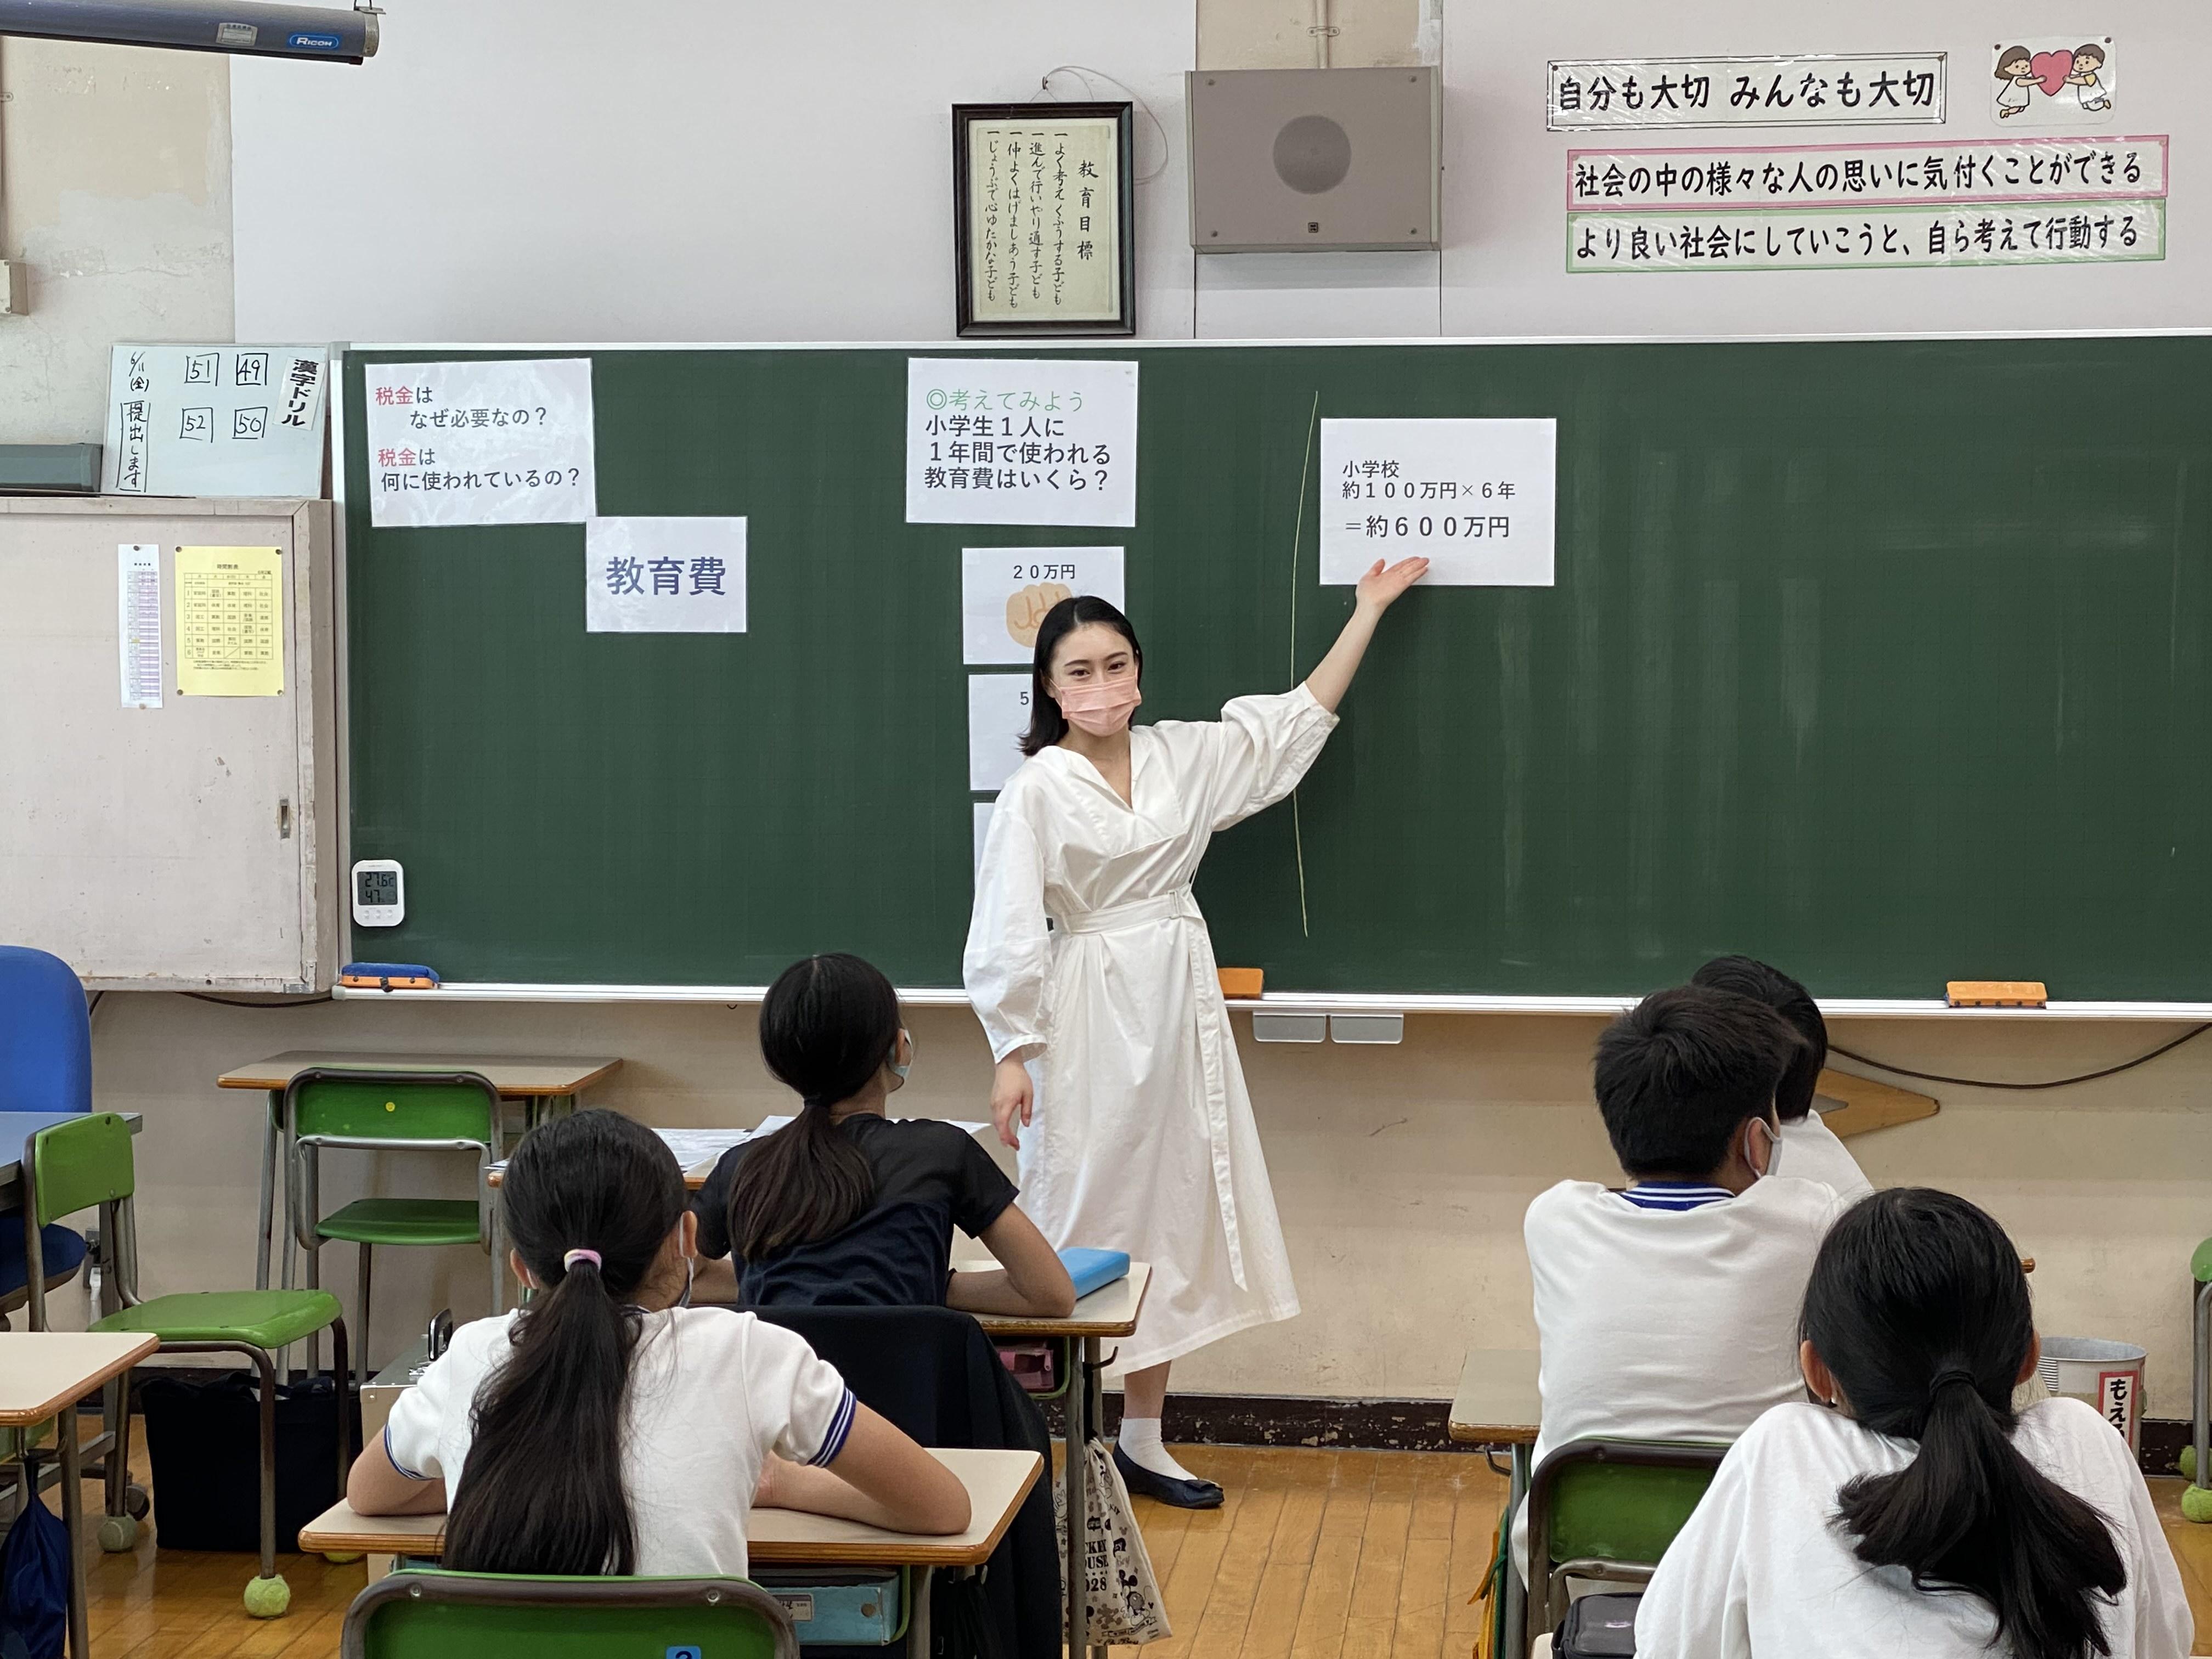 「租税教室」於 港区立御田小学校